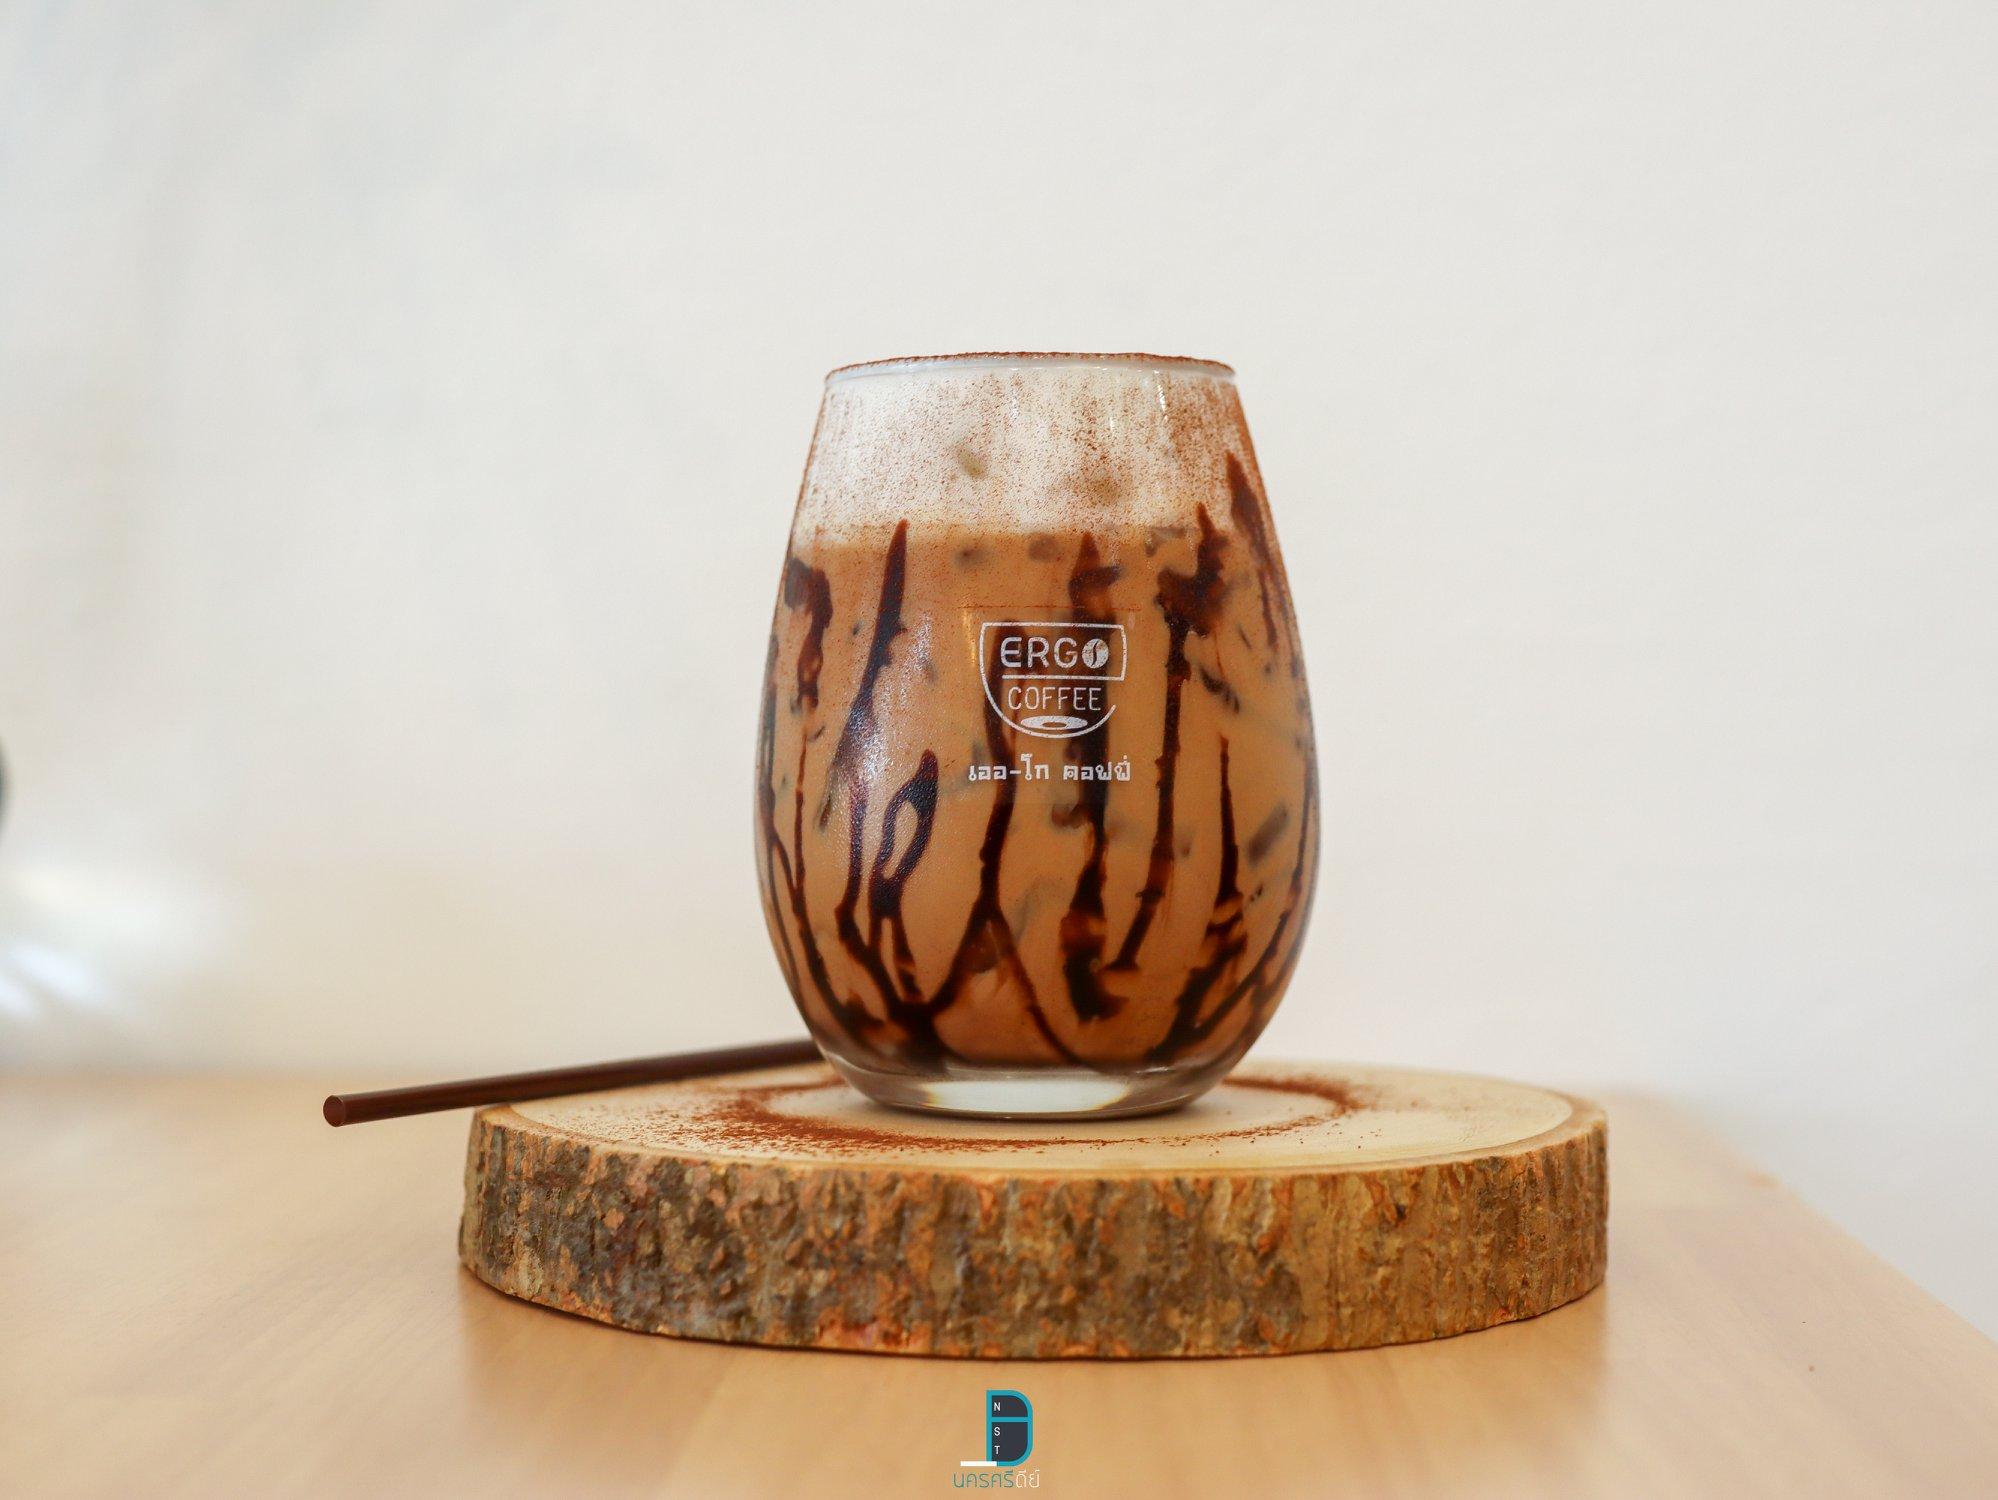 Ergo Coffeeชาเขียว,มัจฉะ,โกโก้,อร่อยเด็ด,ช็อกโกแลต